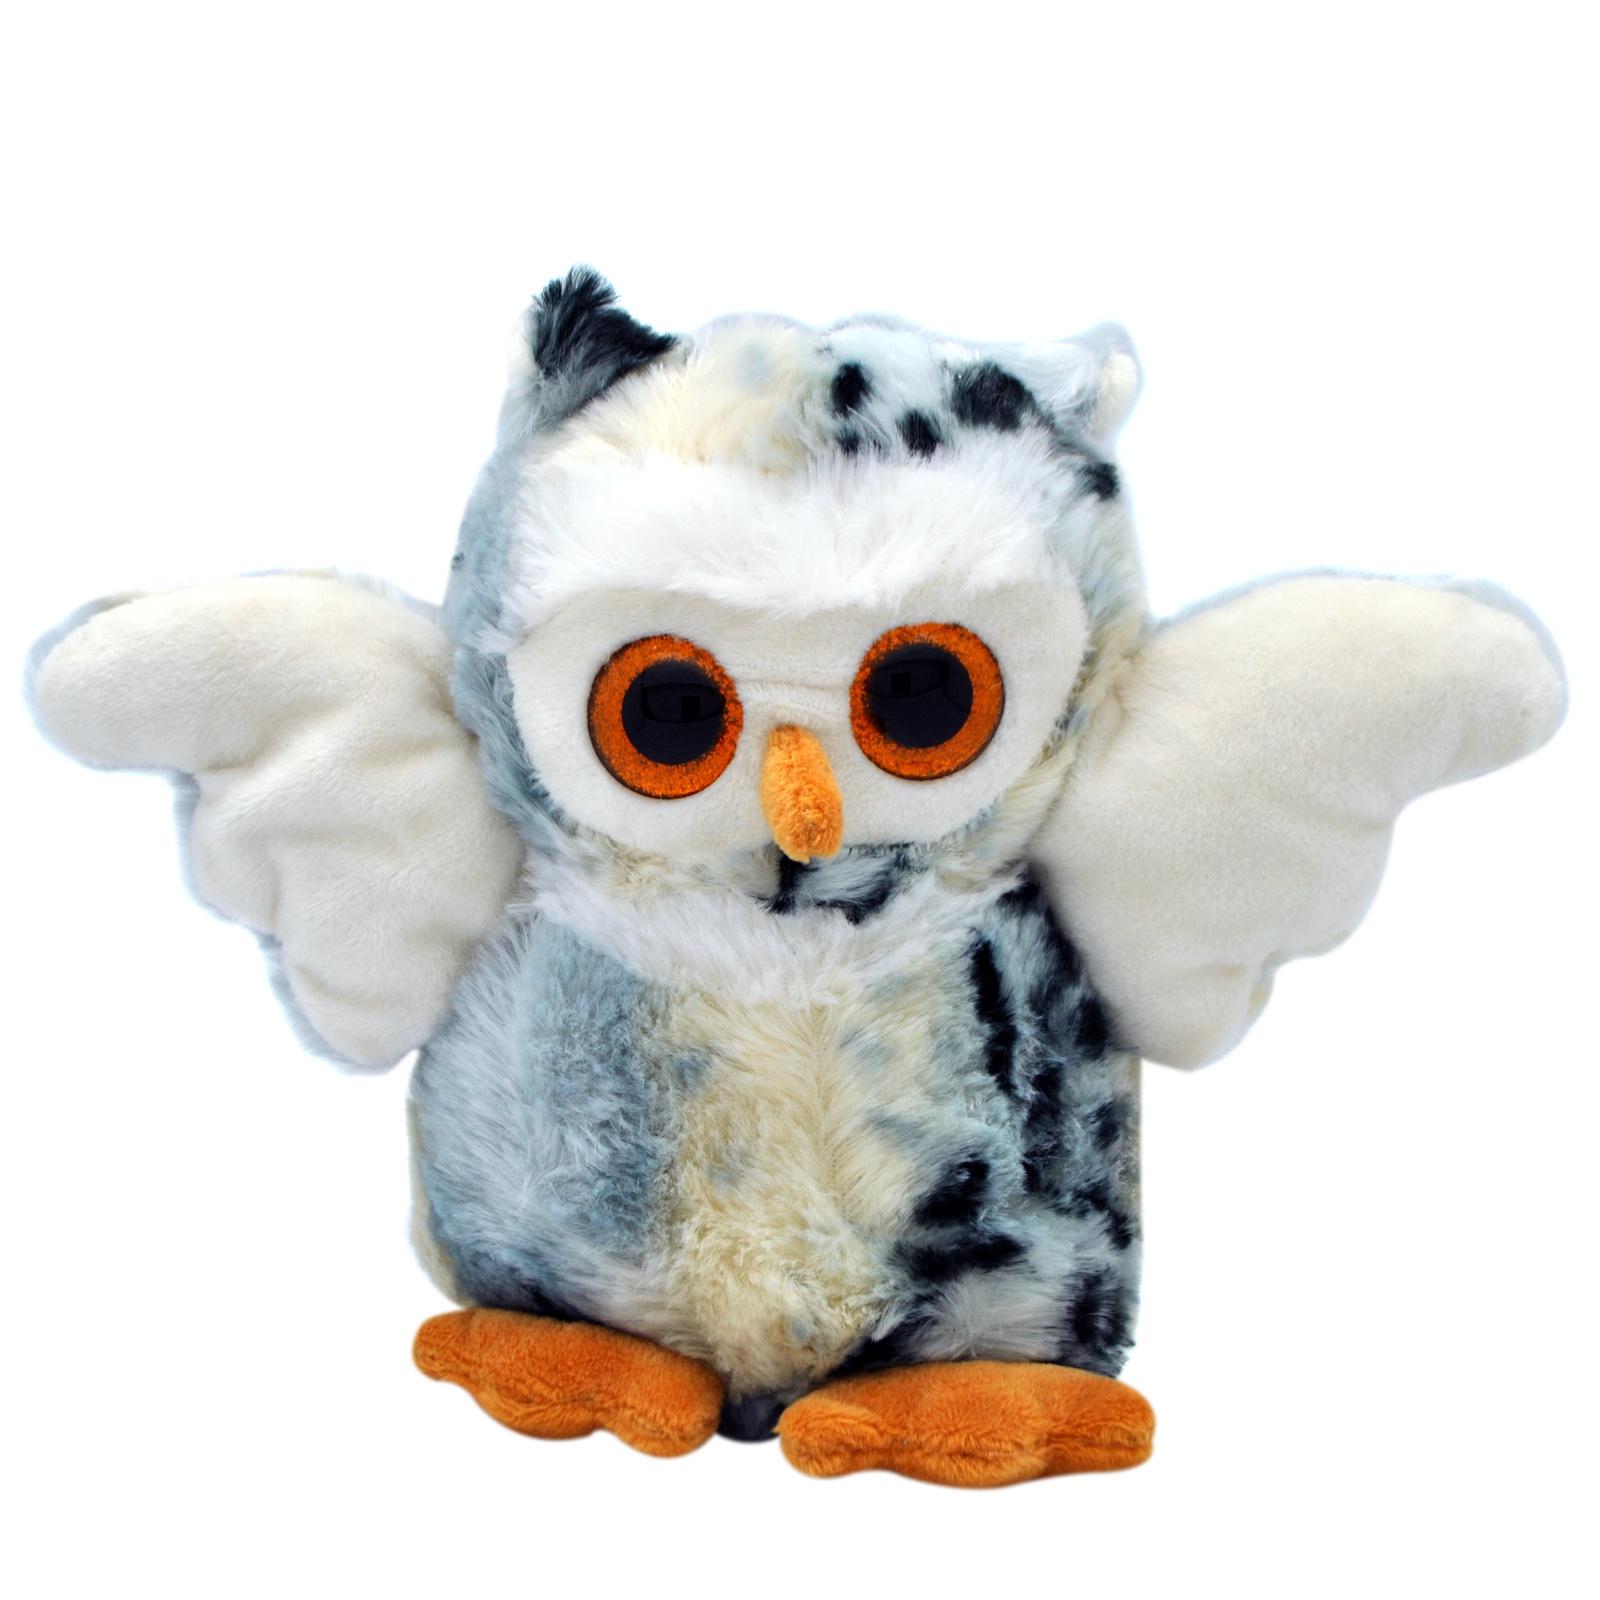 Мягкая игрушка АБВГДЕЙКА Сова светло-серый мягкая игрушка в пайетках сова 10см